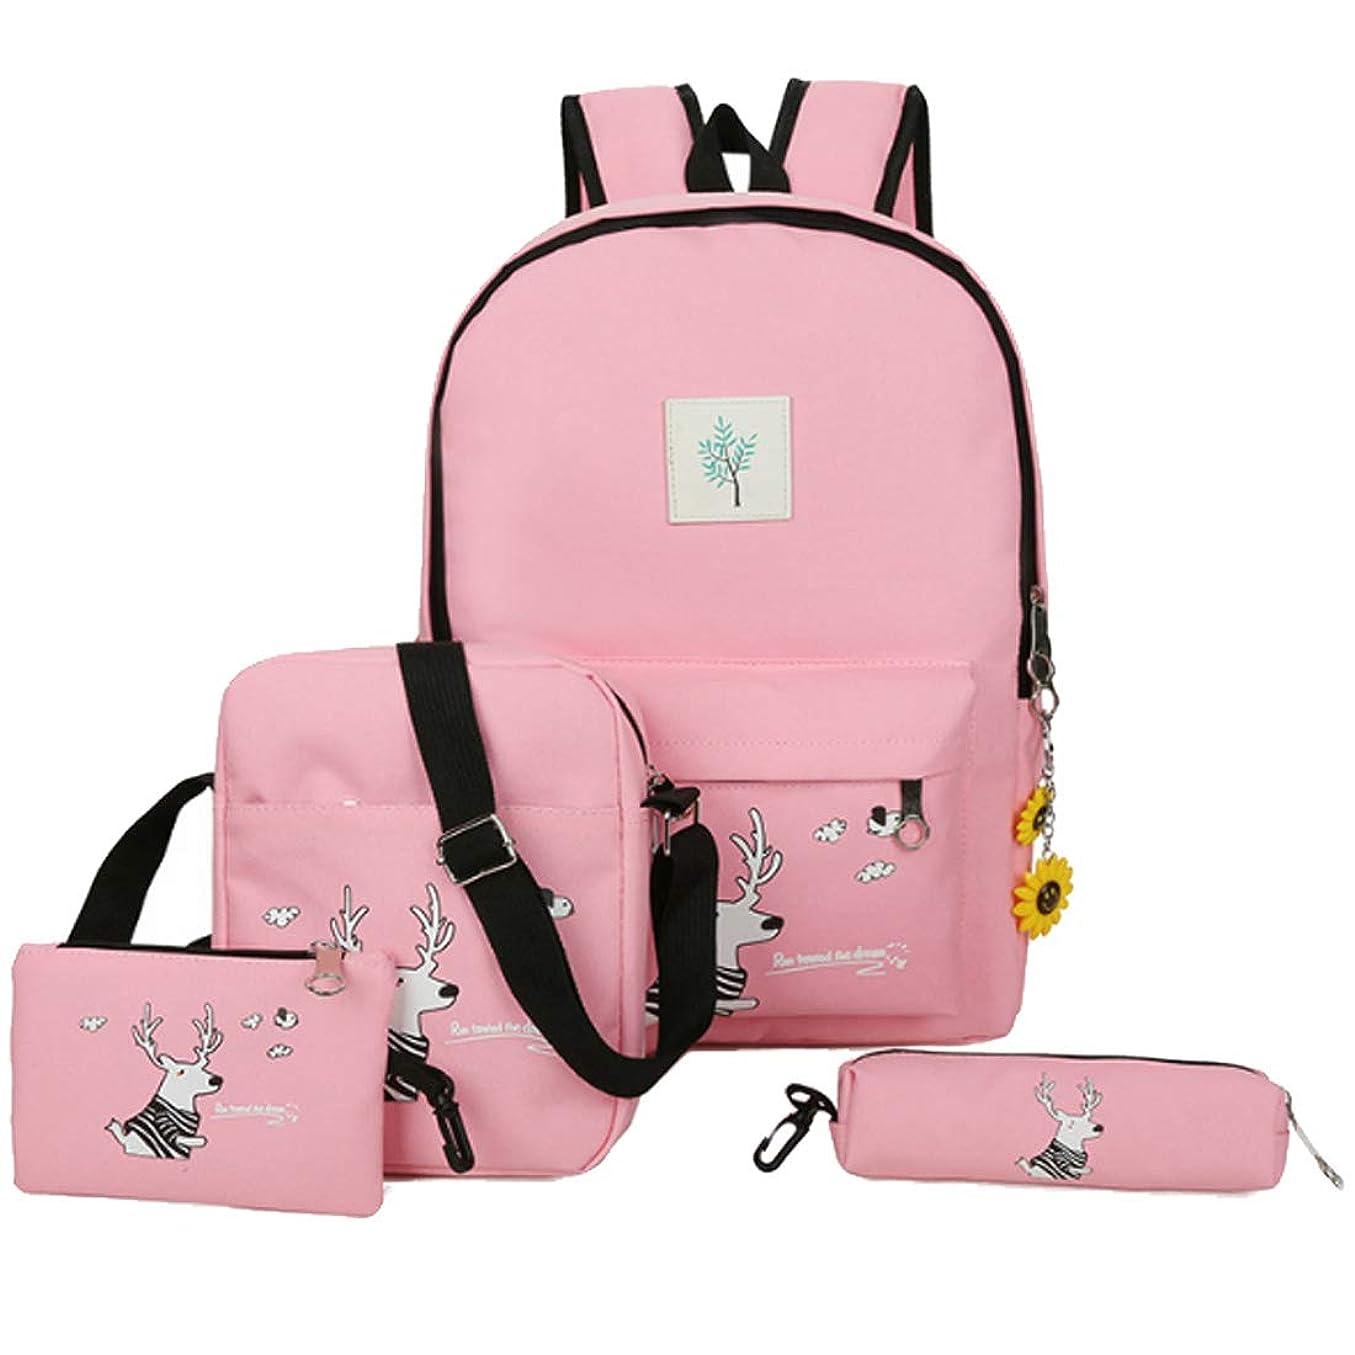 無駄変える閃光BEATON JAPAN リュック 4点セット 女の子 ピンク ショルダー バッグ ポーチ ペンケース 可愛い 大容量